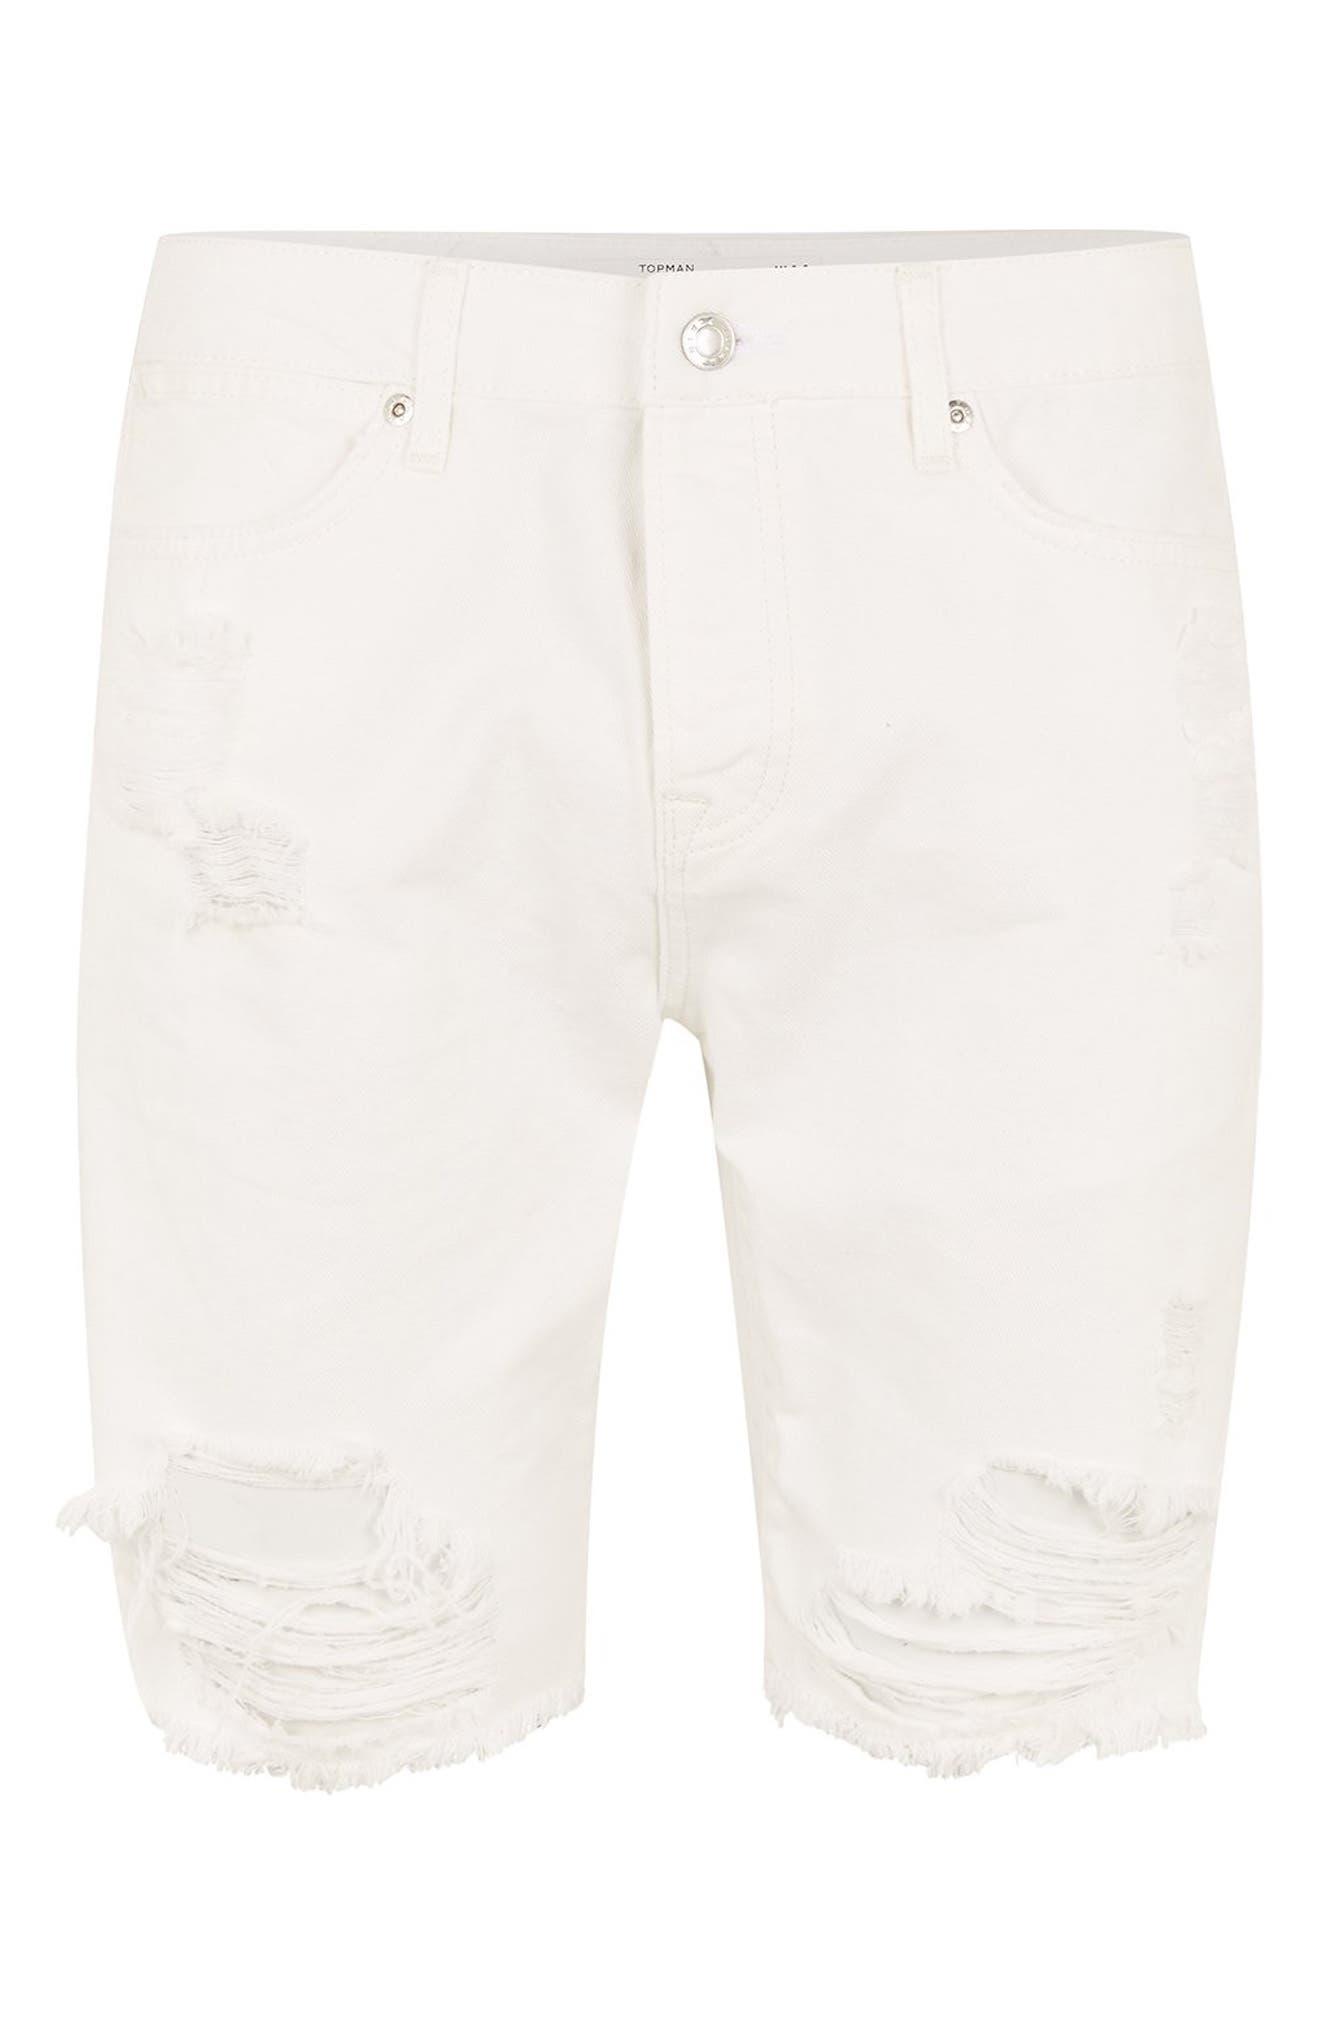 Slim Fit Shredded Jean Shorts,                             Alternate thumbnail 4, color,                             WHITE